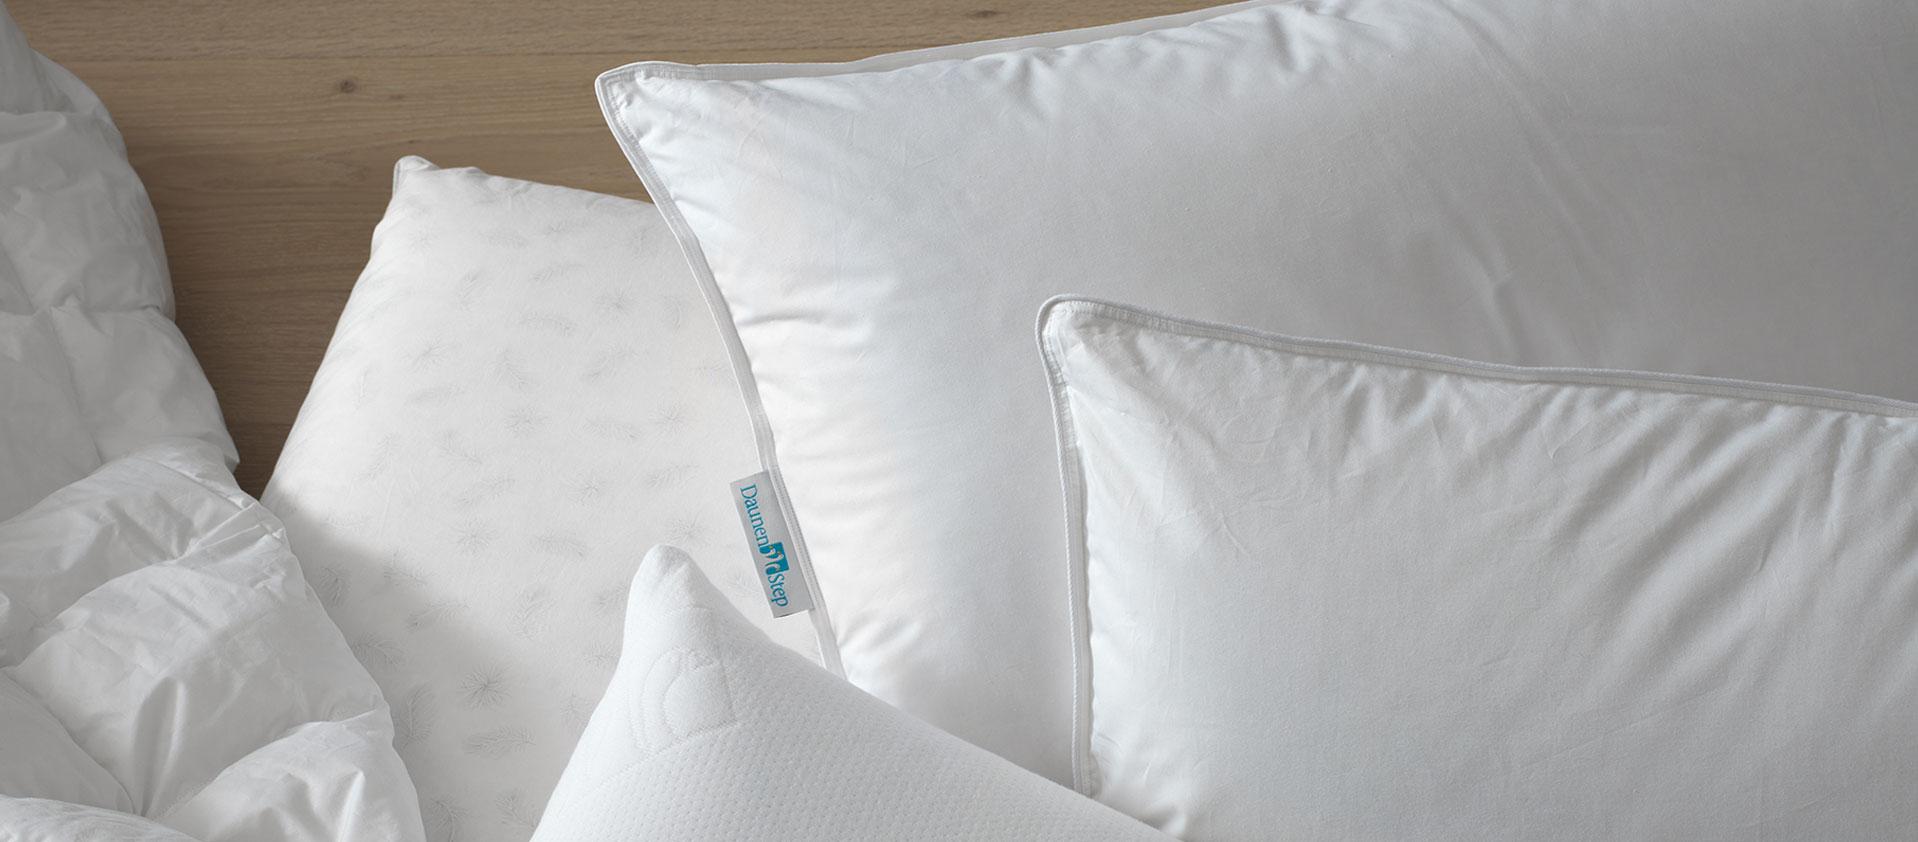 Cuscini e completi letto Arrtex